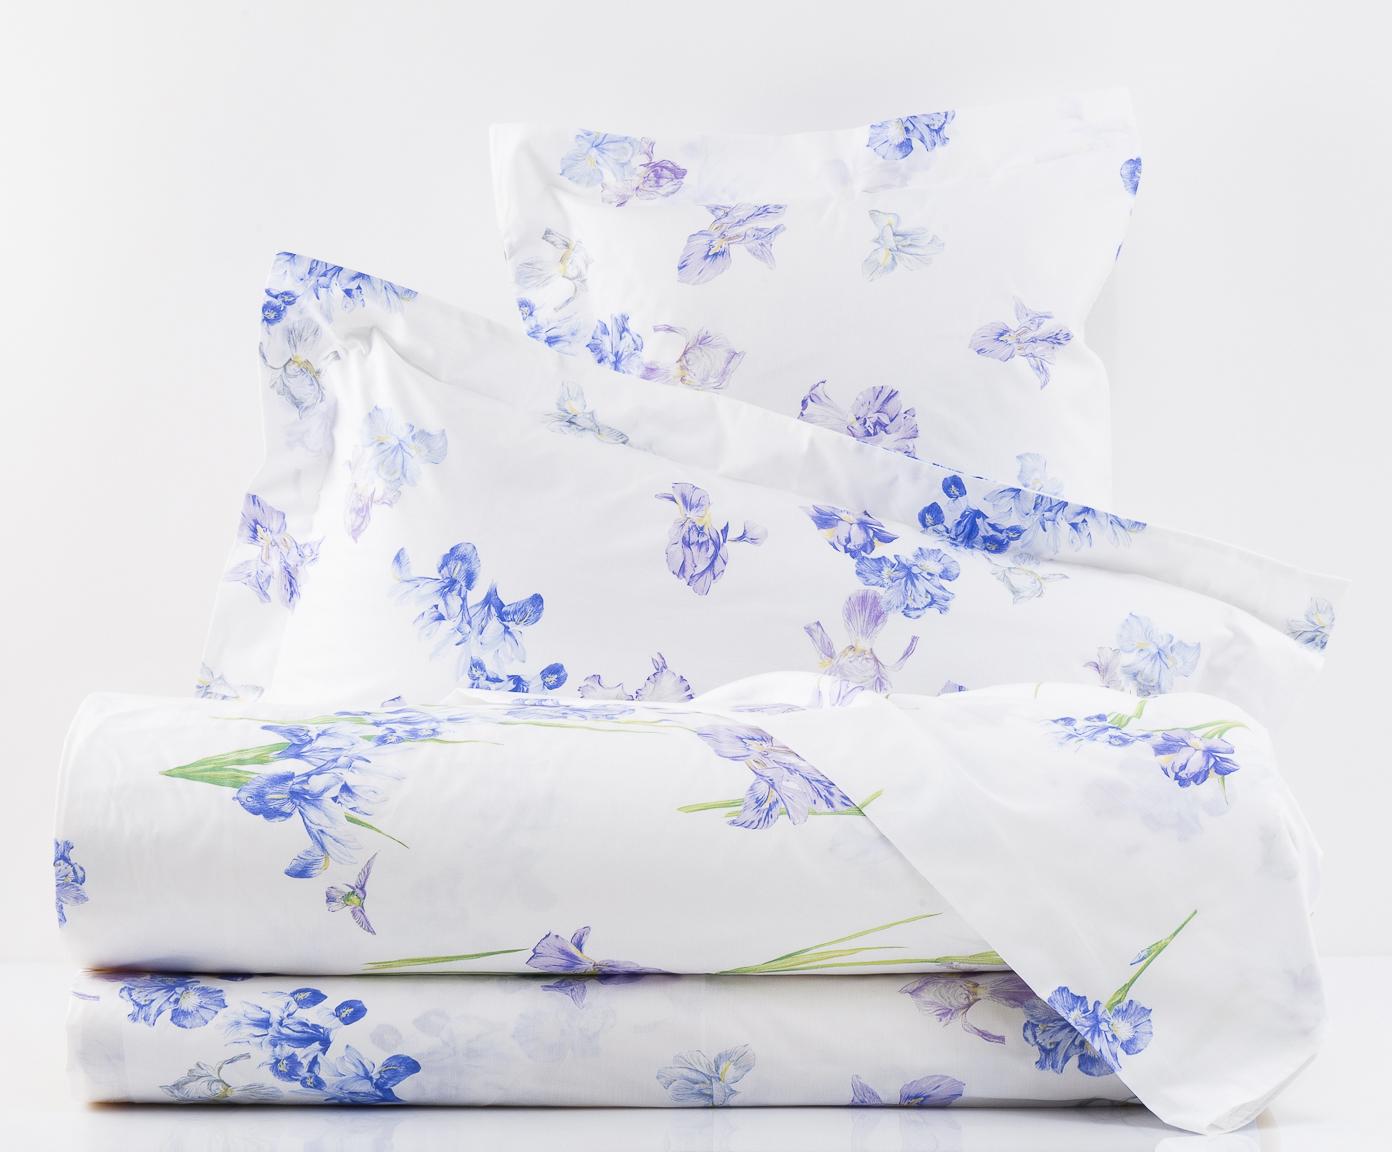 Постельное Постельное белье 1.5 спальное Mirabello Iris-1 белое postelnoe-belie-mirabello-iris-1-beloe-italiya.jpg